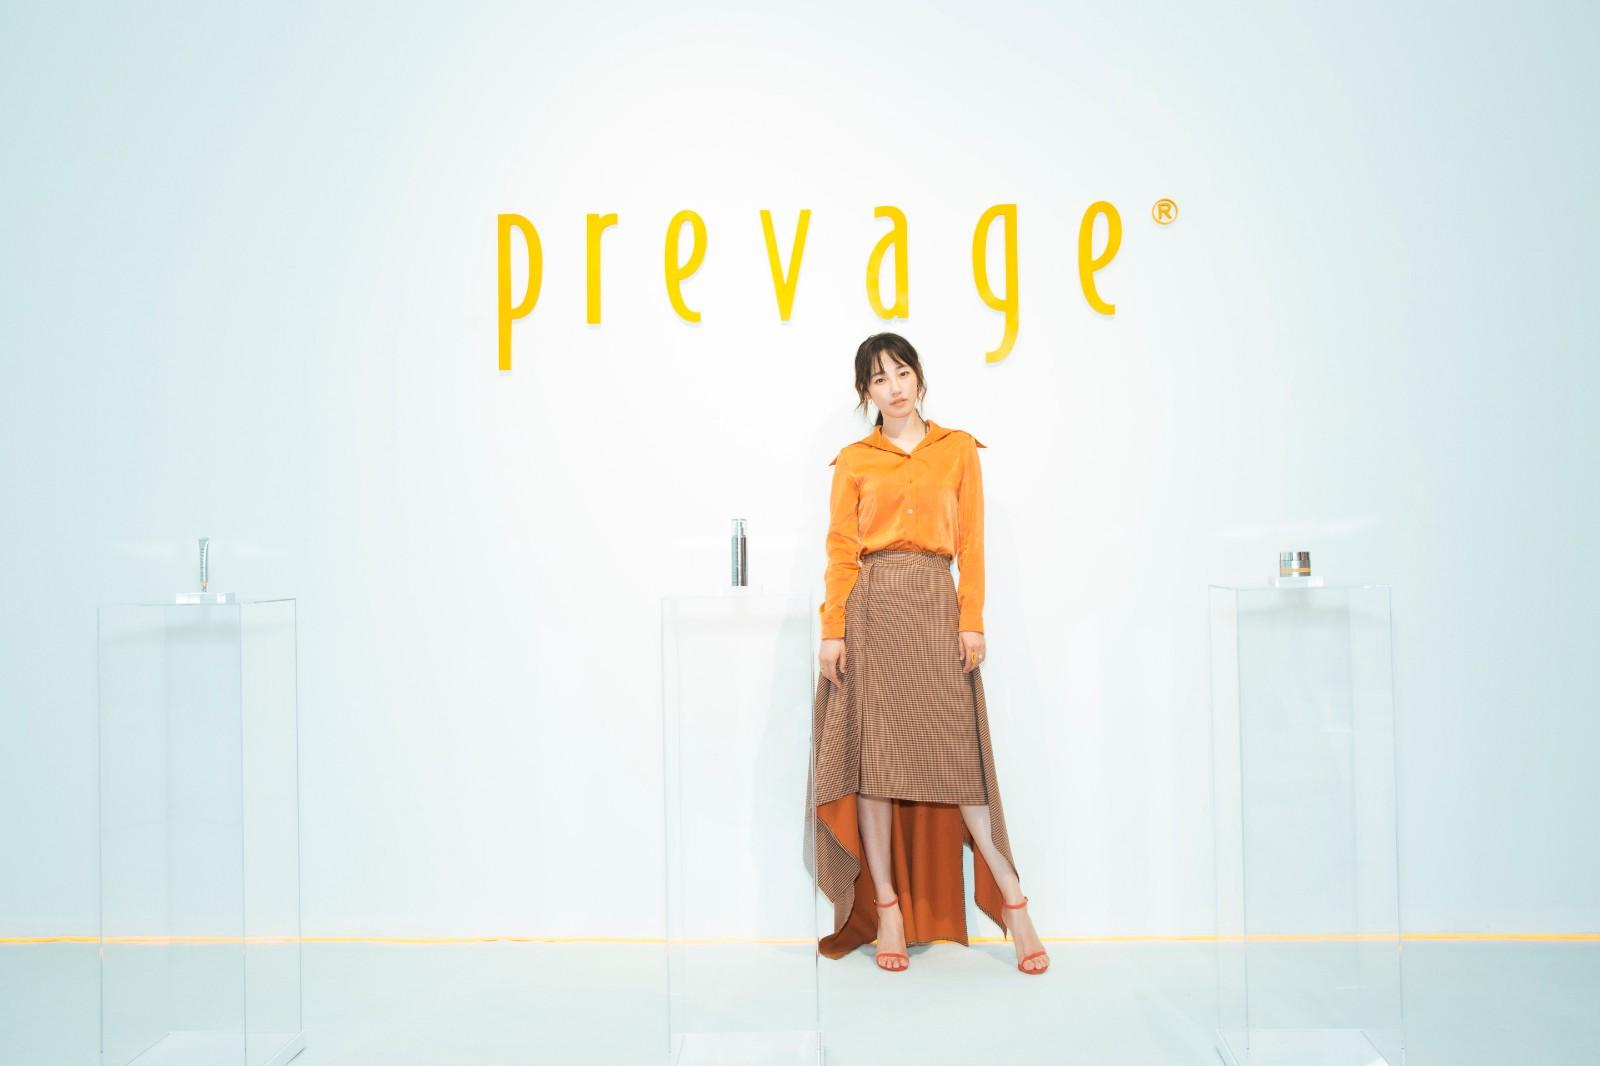 白百何瘦身成功出席品牌活动 橘色系造型显青春元气